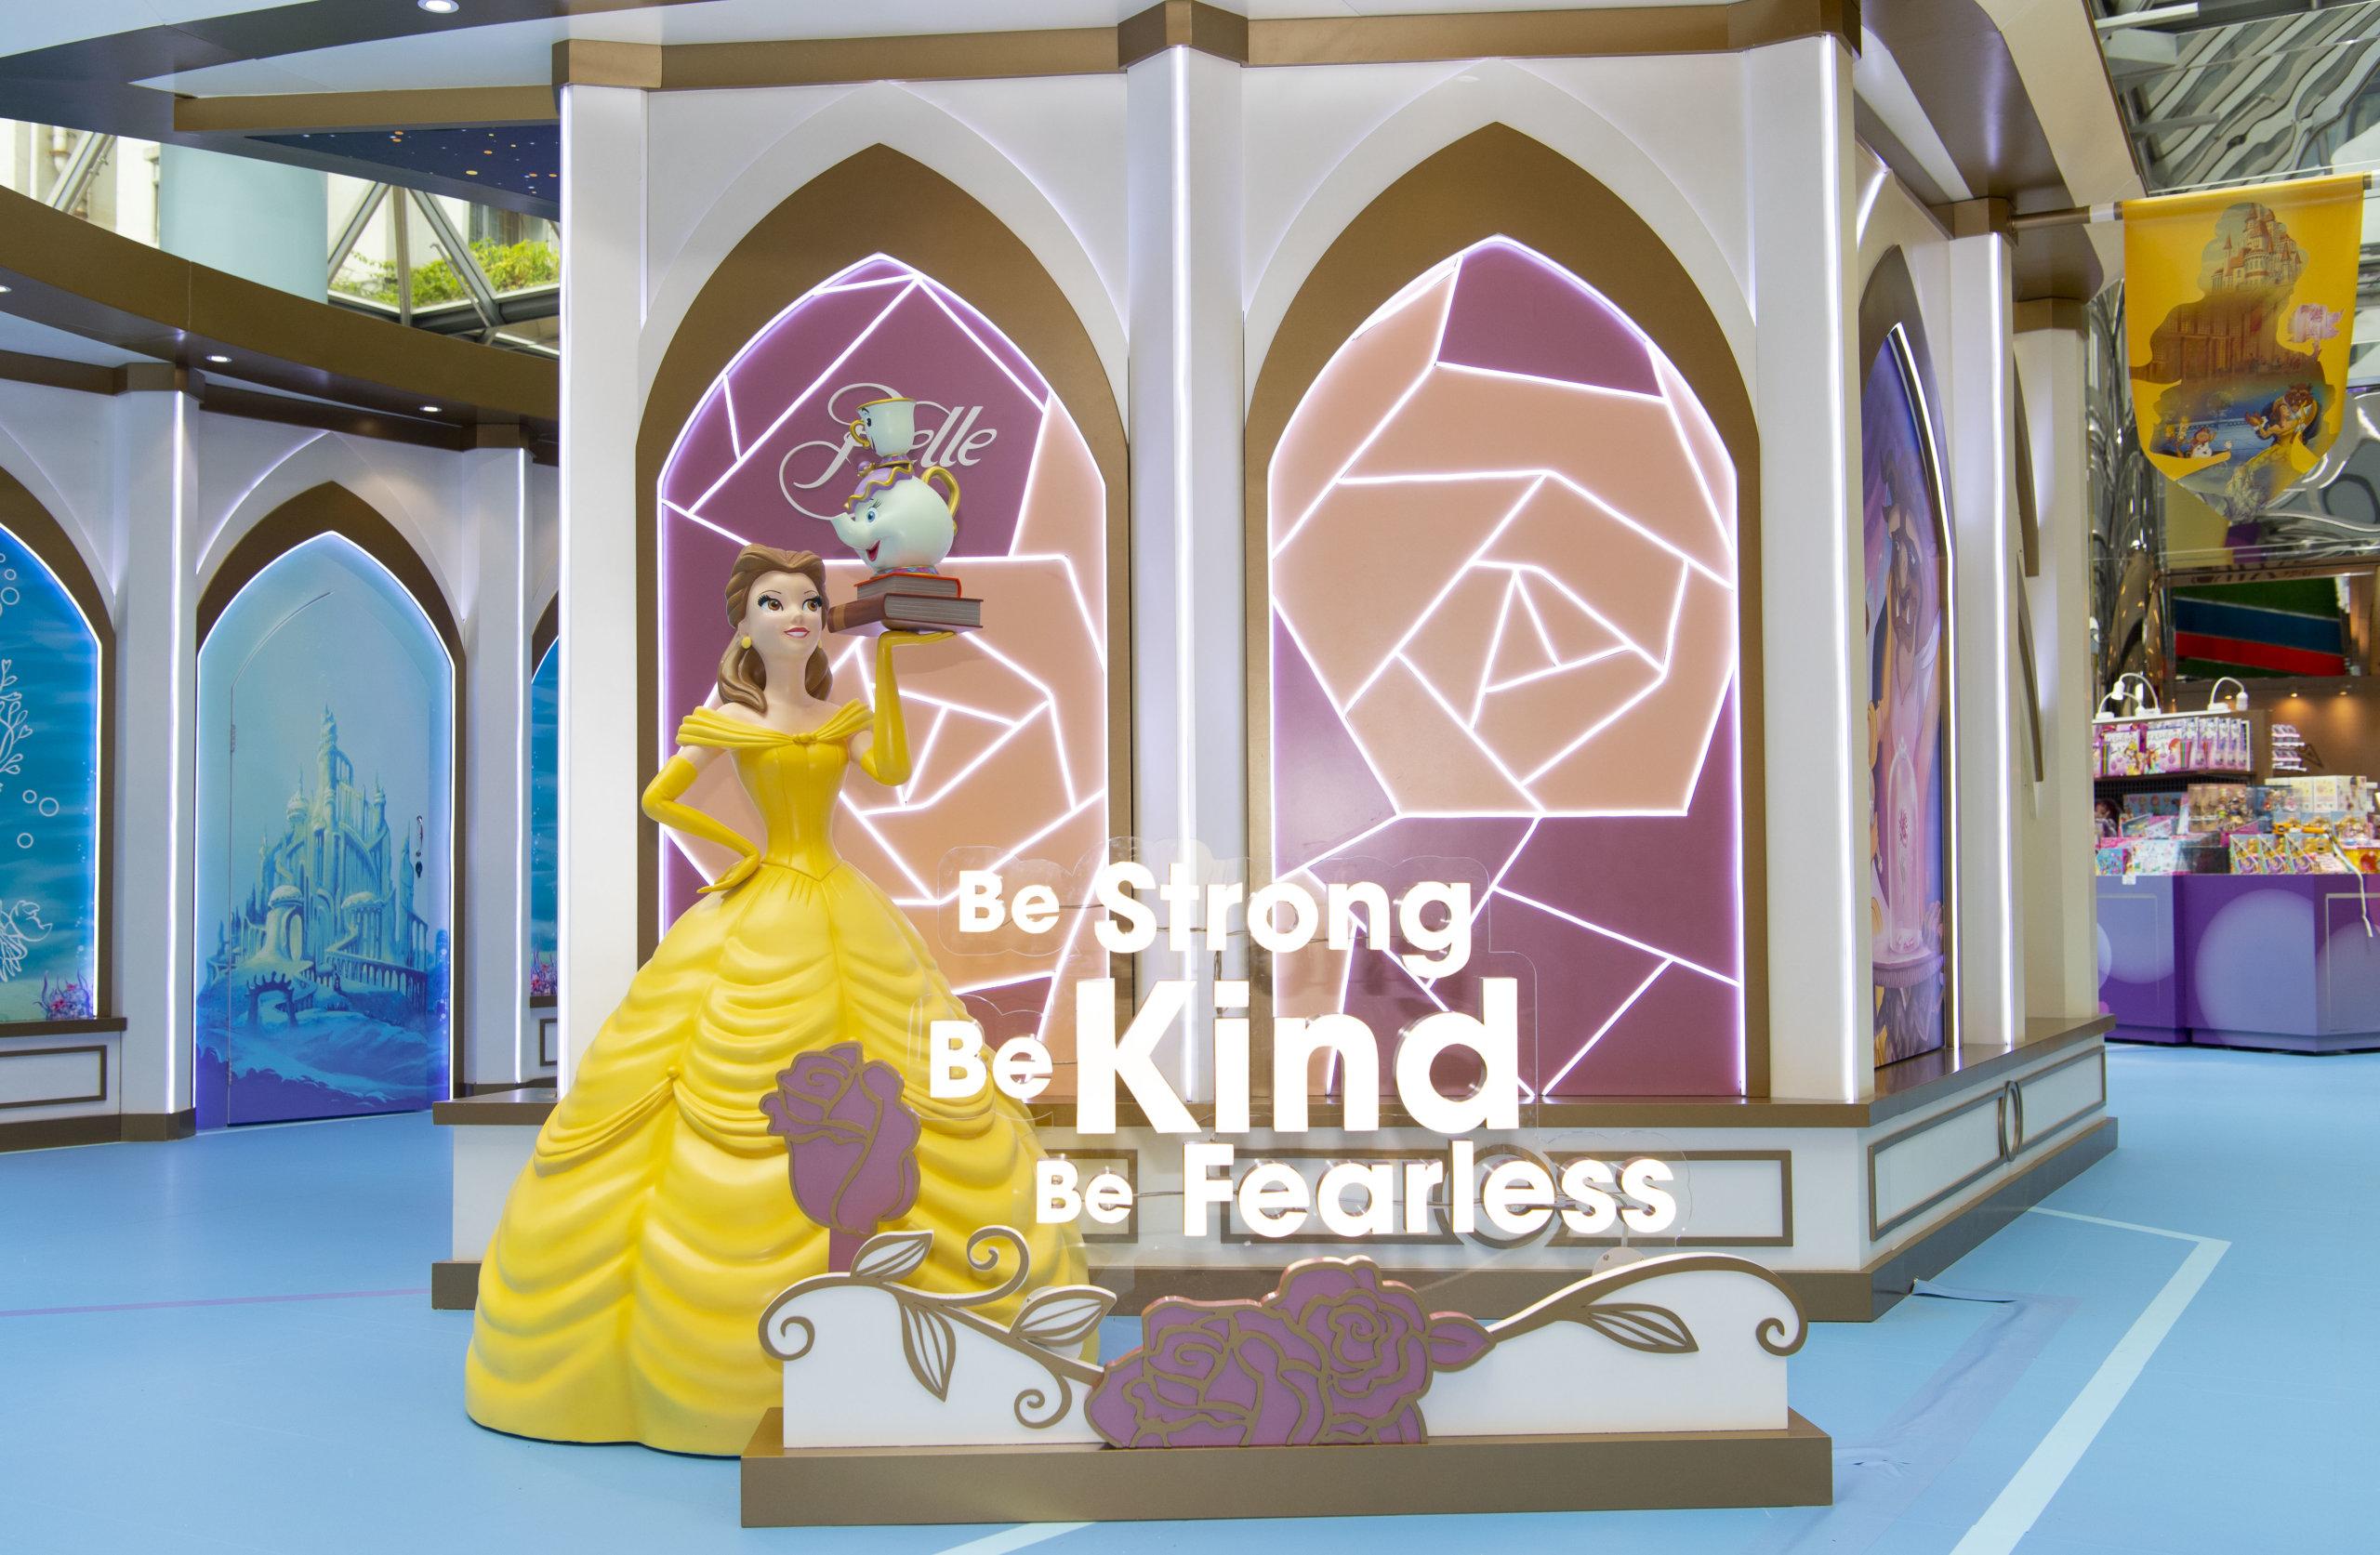 愛讀書的貝兒公主手上拿著兩本讀物,茶煲太太和兒子阿齊亦佻皮地站在讀物之上,身旁寫上「Be Strong, Be Kind, Be Fearless」正正反映貝兒公主堅毅、善良又無畏無懼的特質。